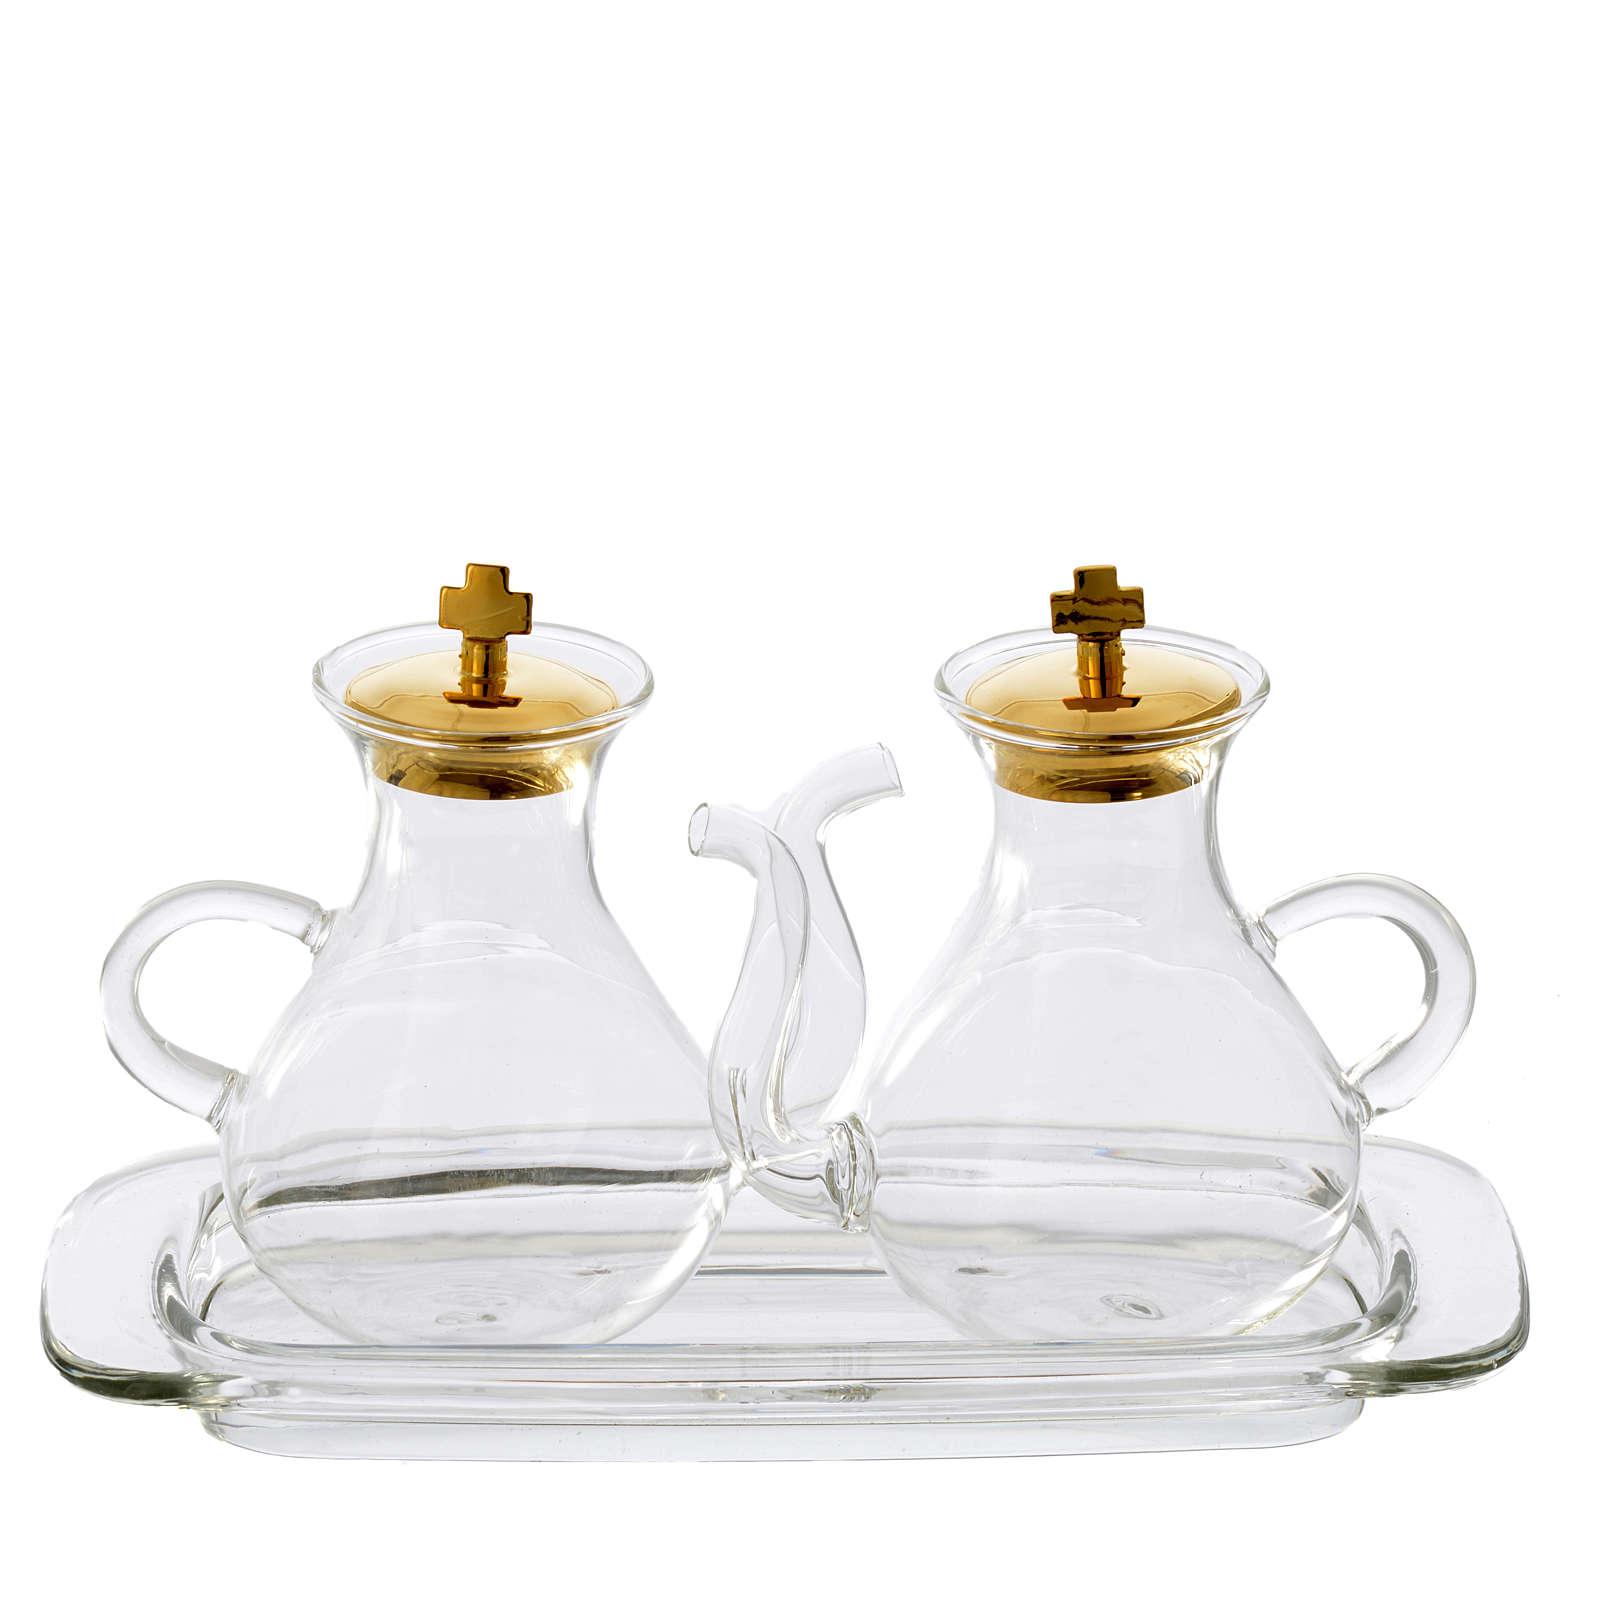 Set ampolline con beccuccio e vassoio in vetro 4